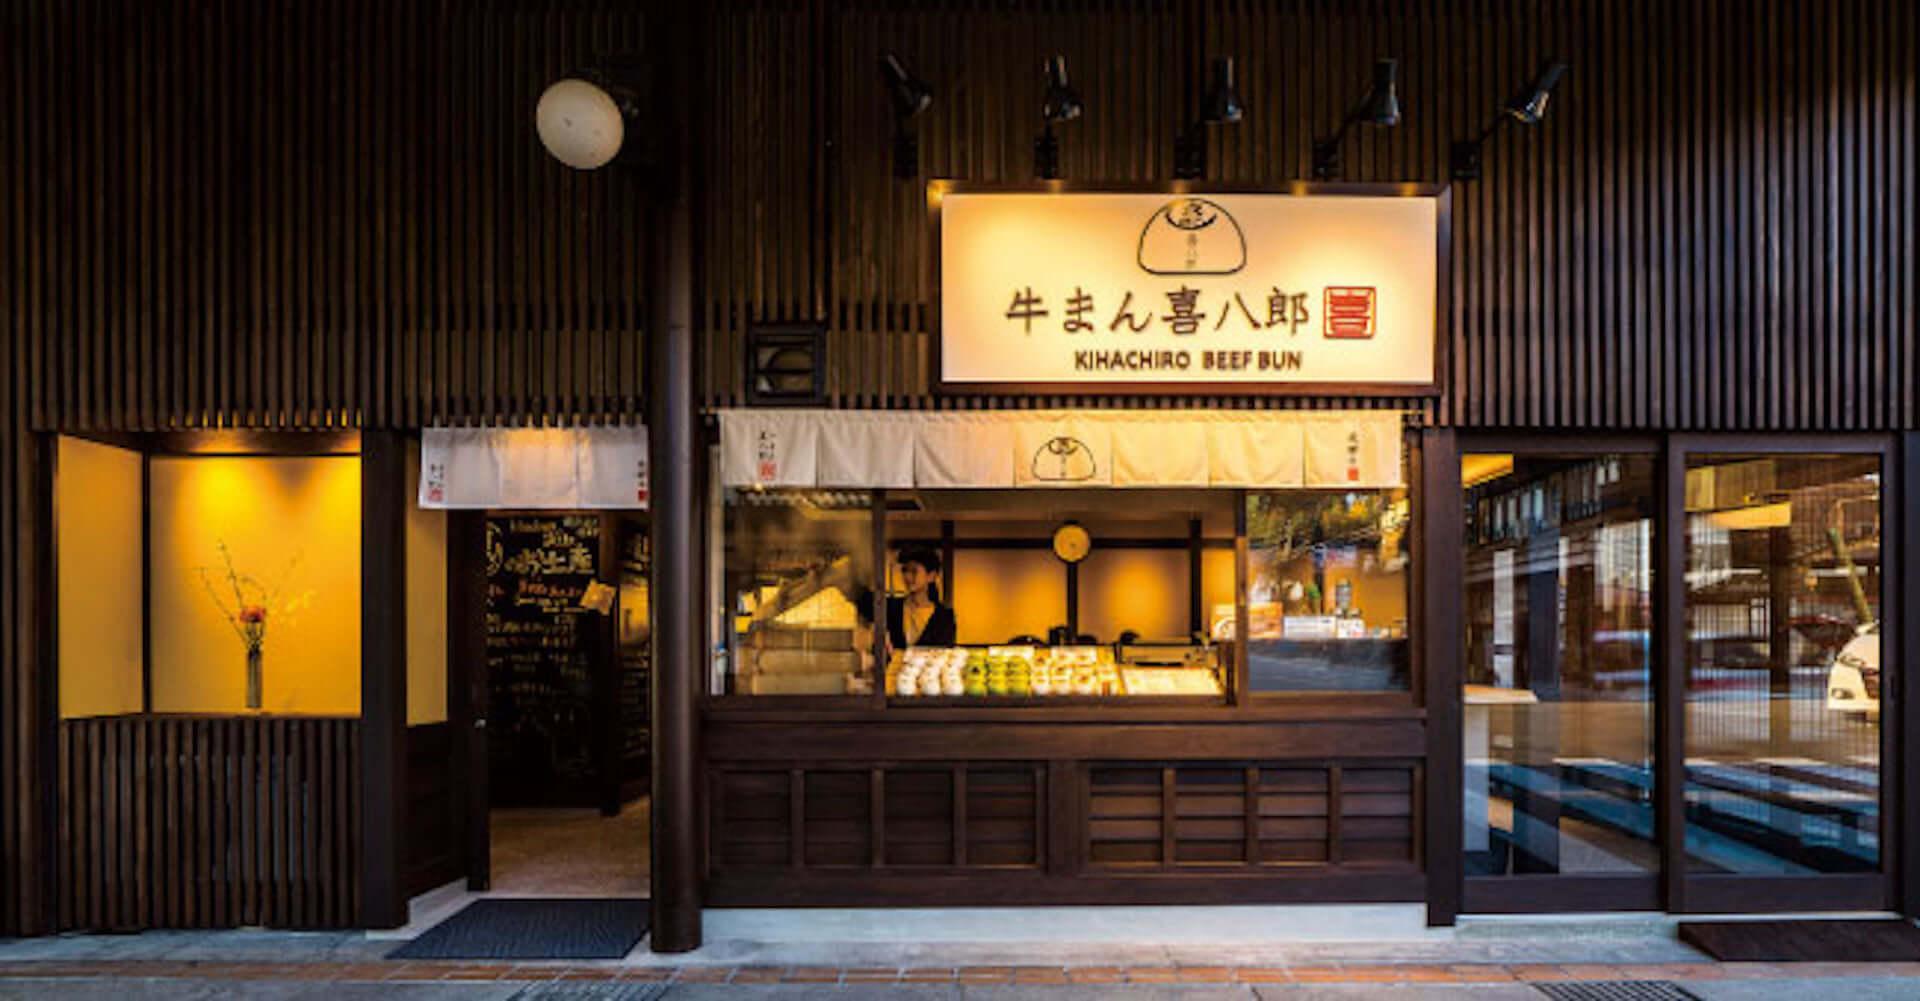 飛騨牛まんを堪能できる秋のお取り寄せグルメが19%OFFの特別価格で発売!喜八郎が期間限定キャンペーンを開始 gourmet200928_kihachiro_7-1920x1001